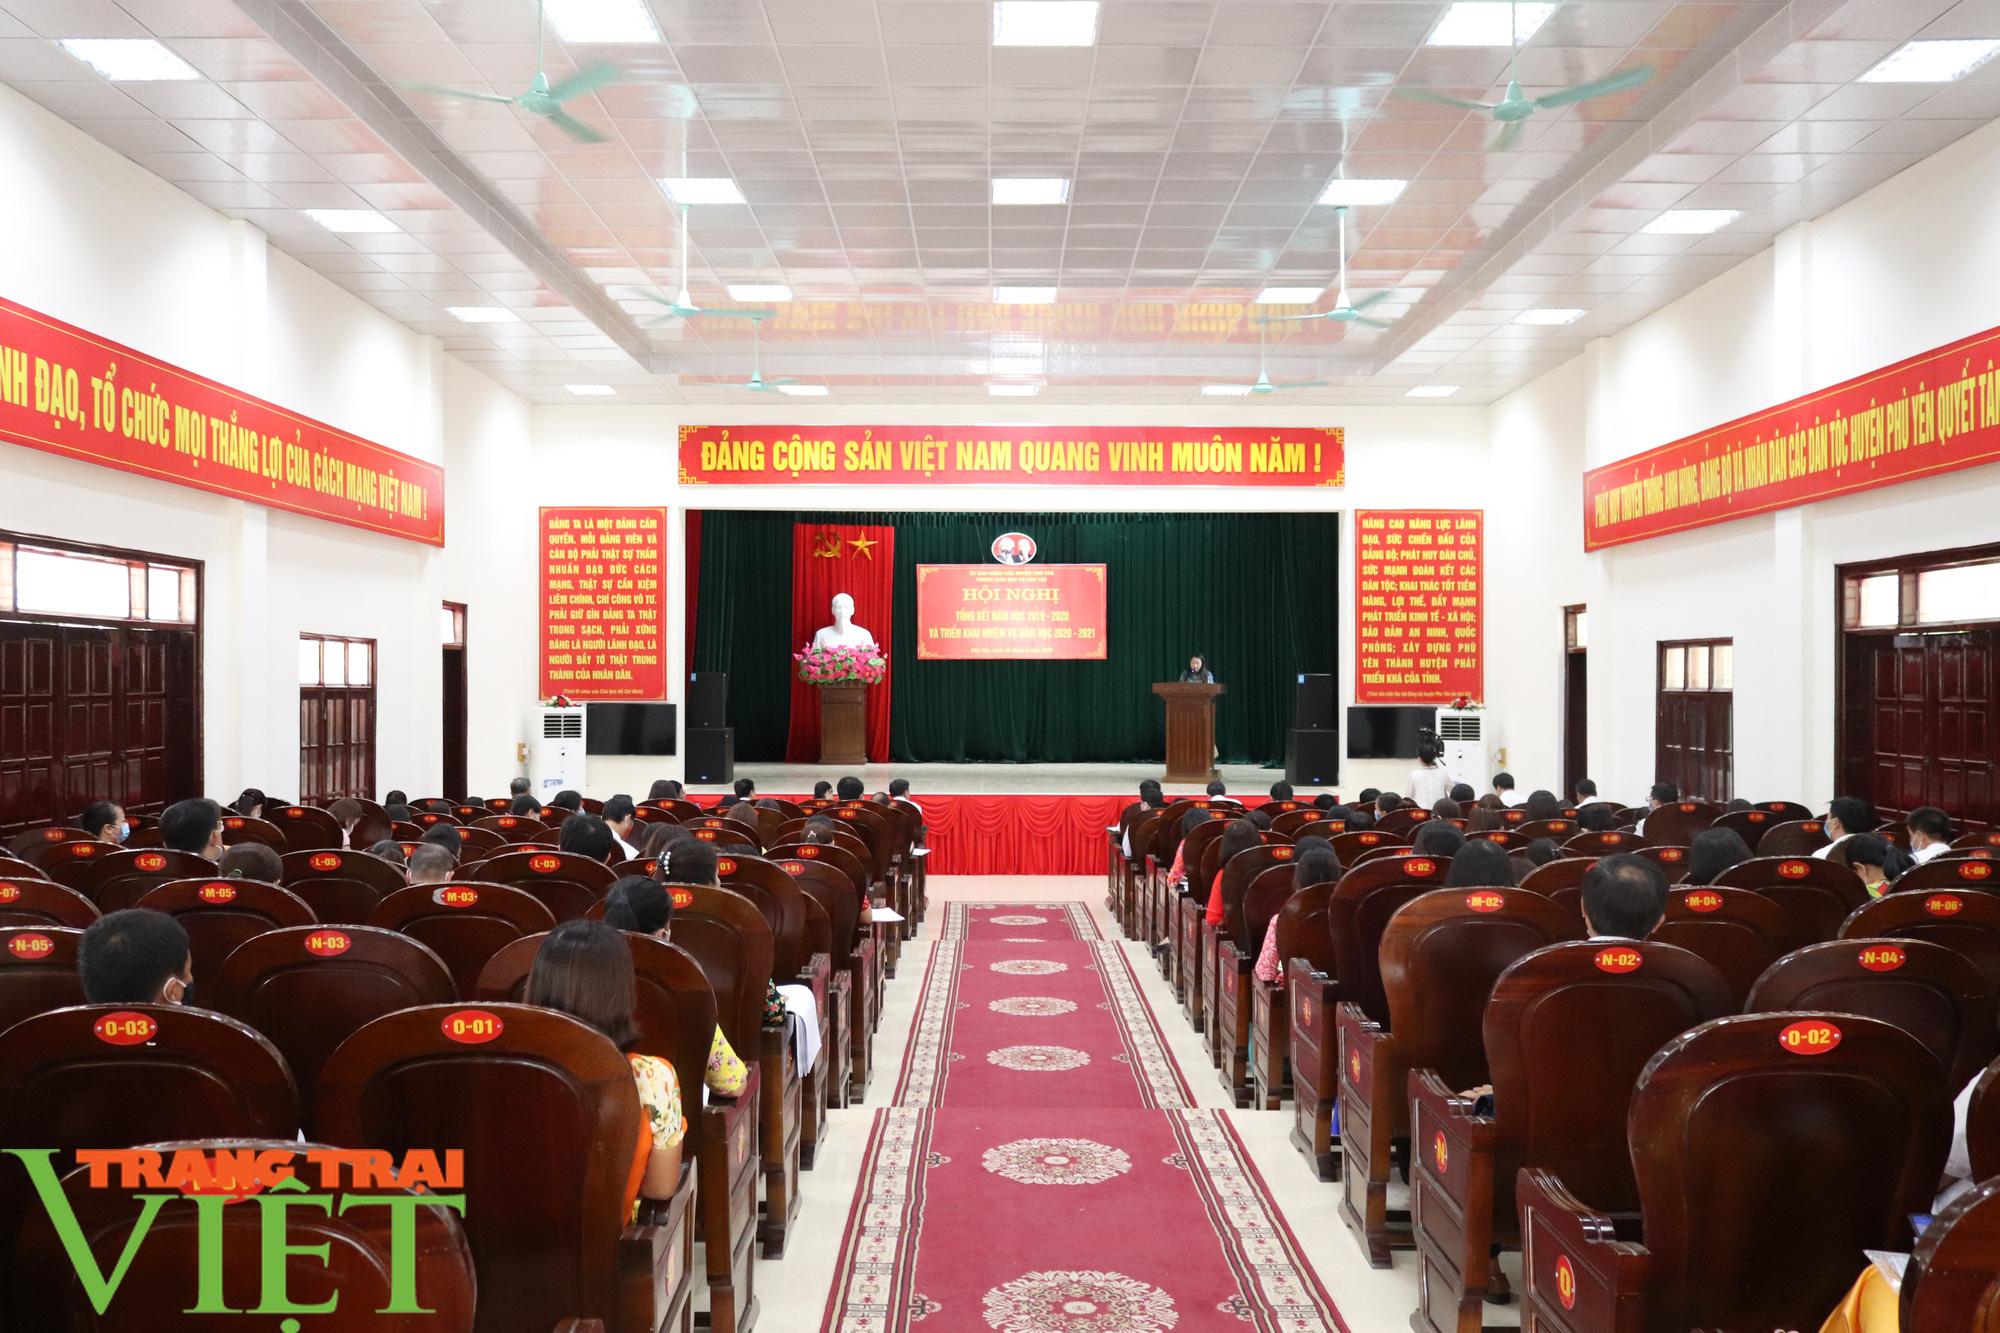 UBND huyện Phù Yên tổ chức Hội nghị tổng kết năm học 2019 – 2020 - Ảnh 1.